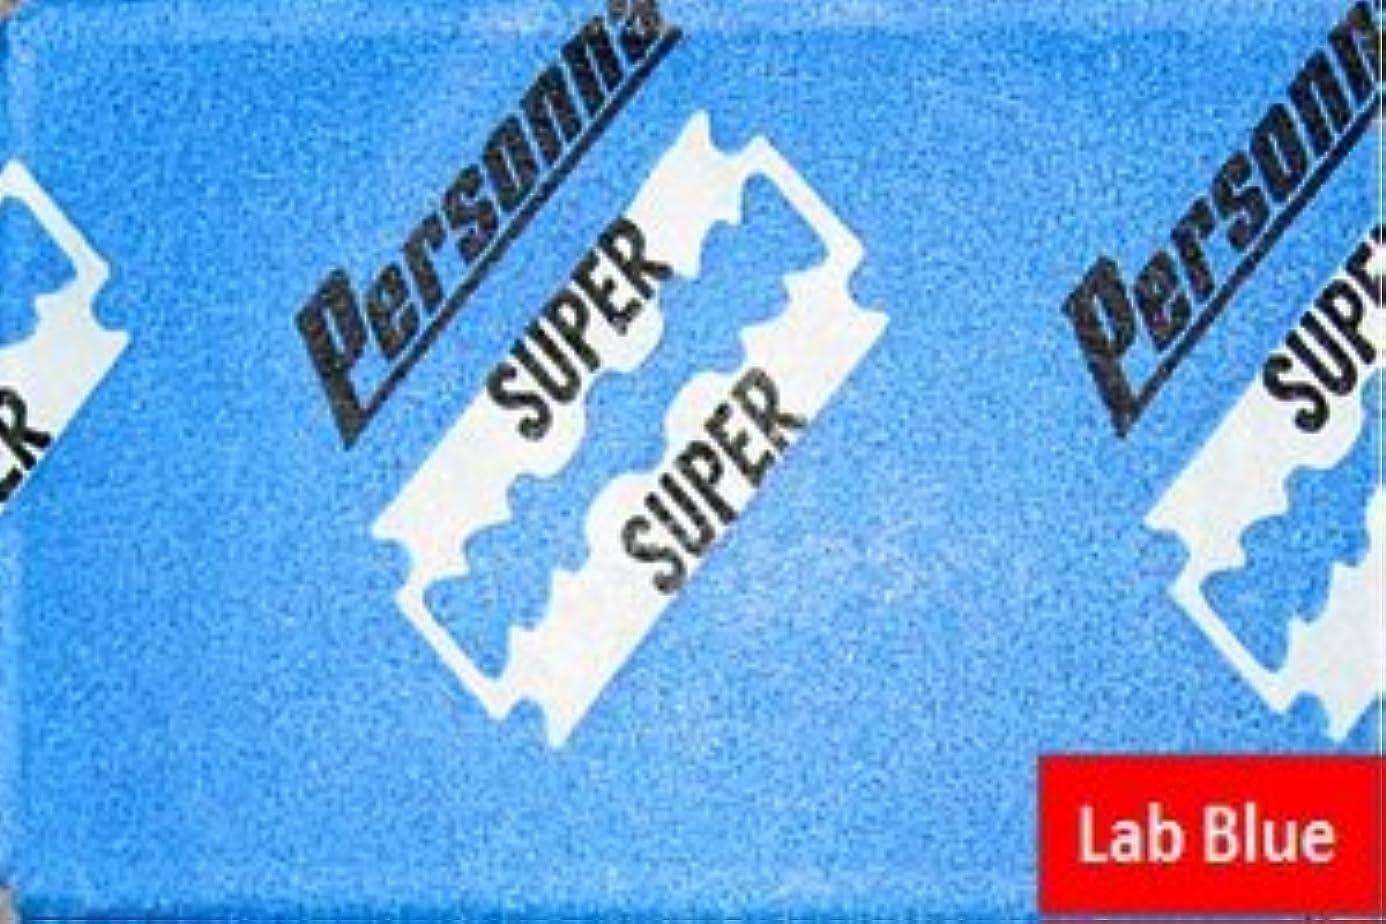 メンテナンス霧深い憎しみPersonna Lab Blue 両刃替刃 5枚入り(5枚入り1 個セット)【並行輸入品】